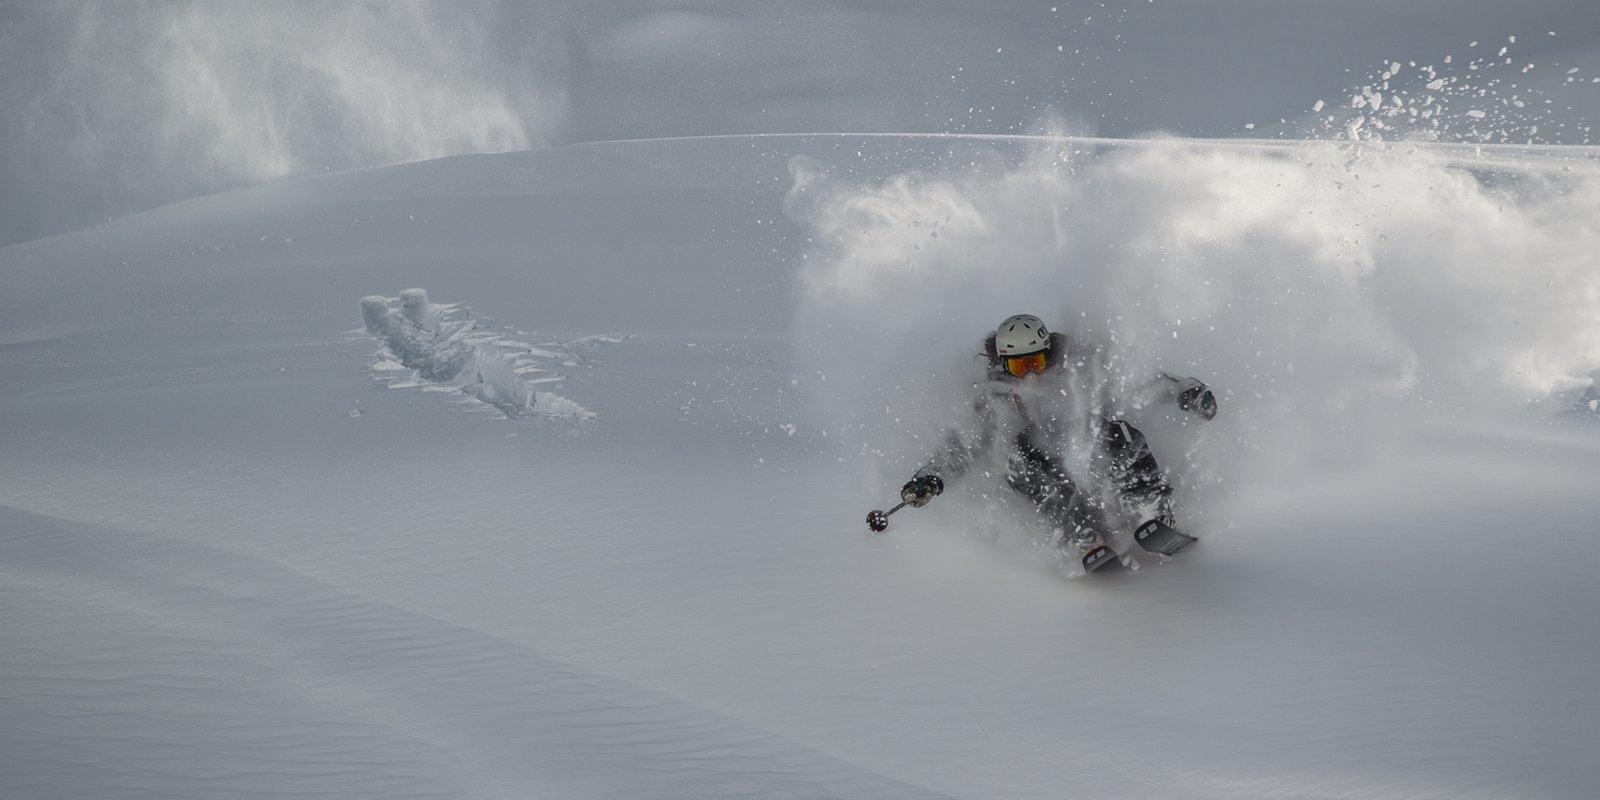 c70d10656f5 Vimff in gora louis garnier vimff vancouver jpg 1600x800 Louis garnier  closed mountain